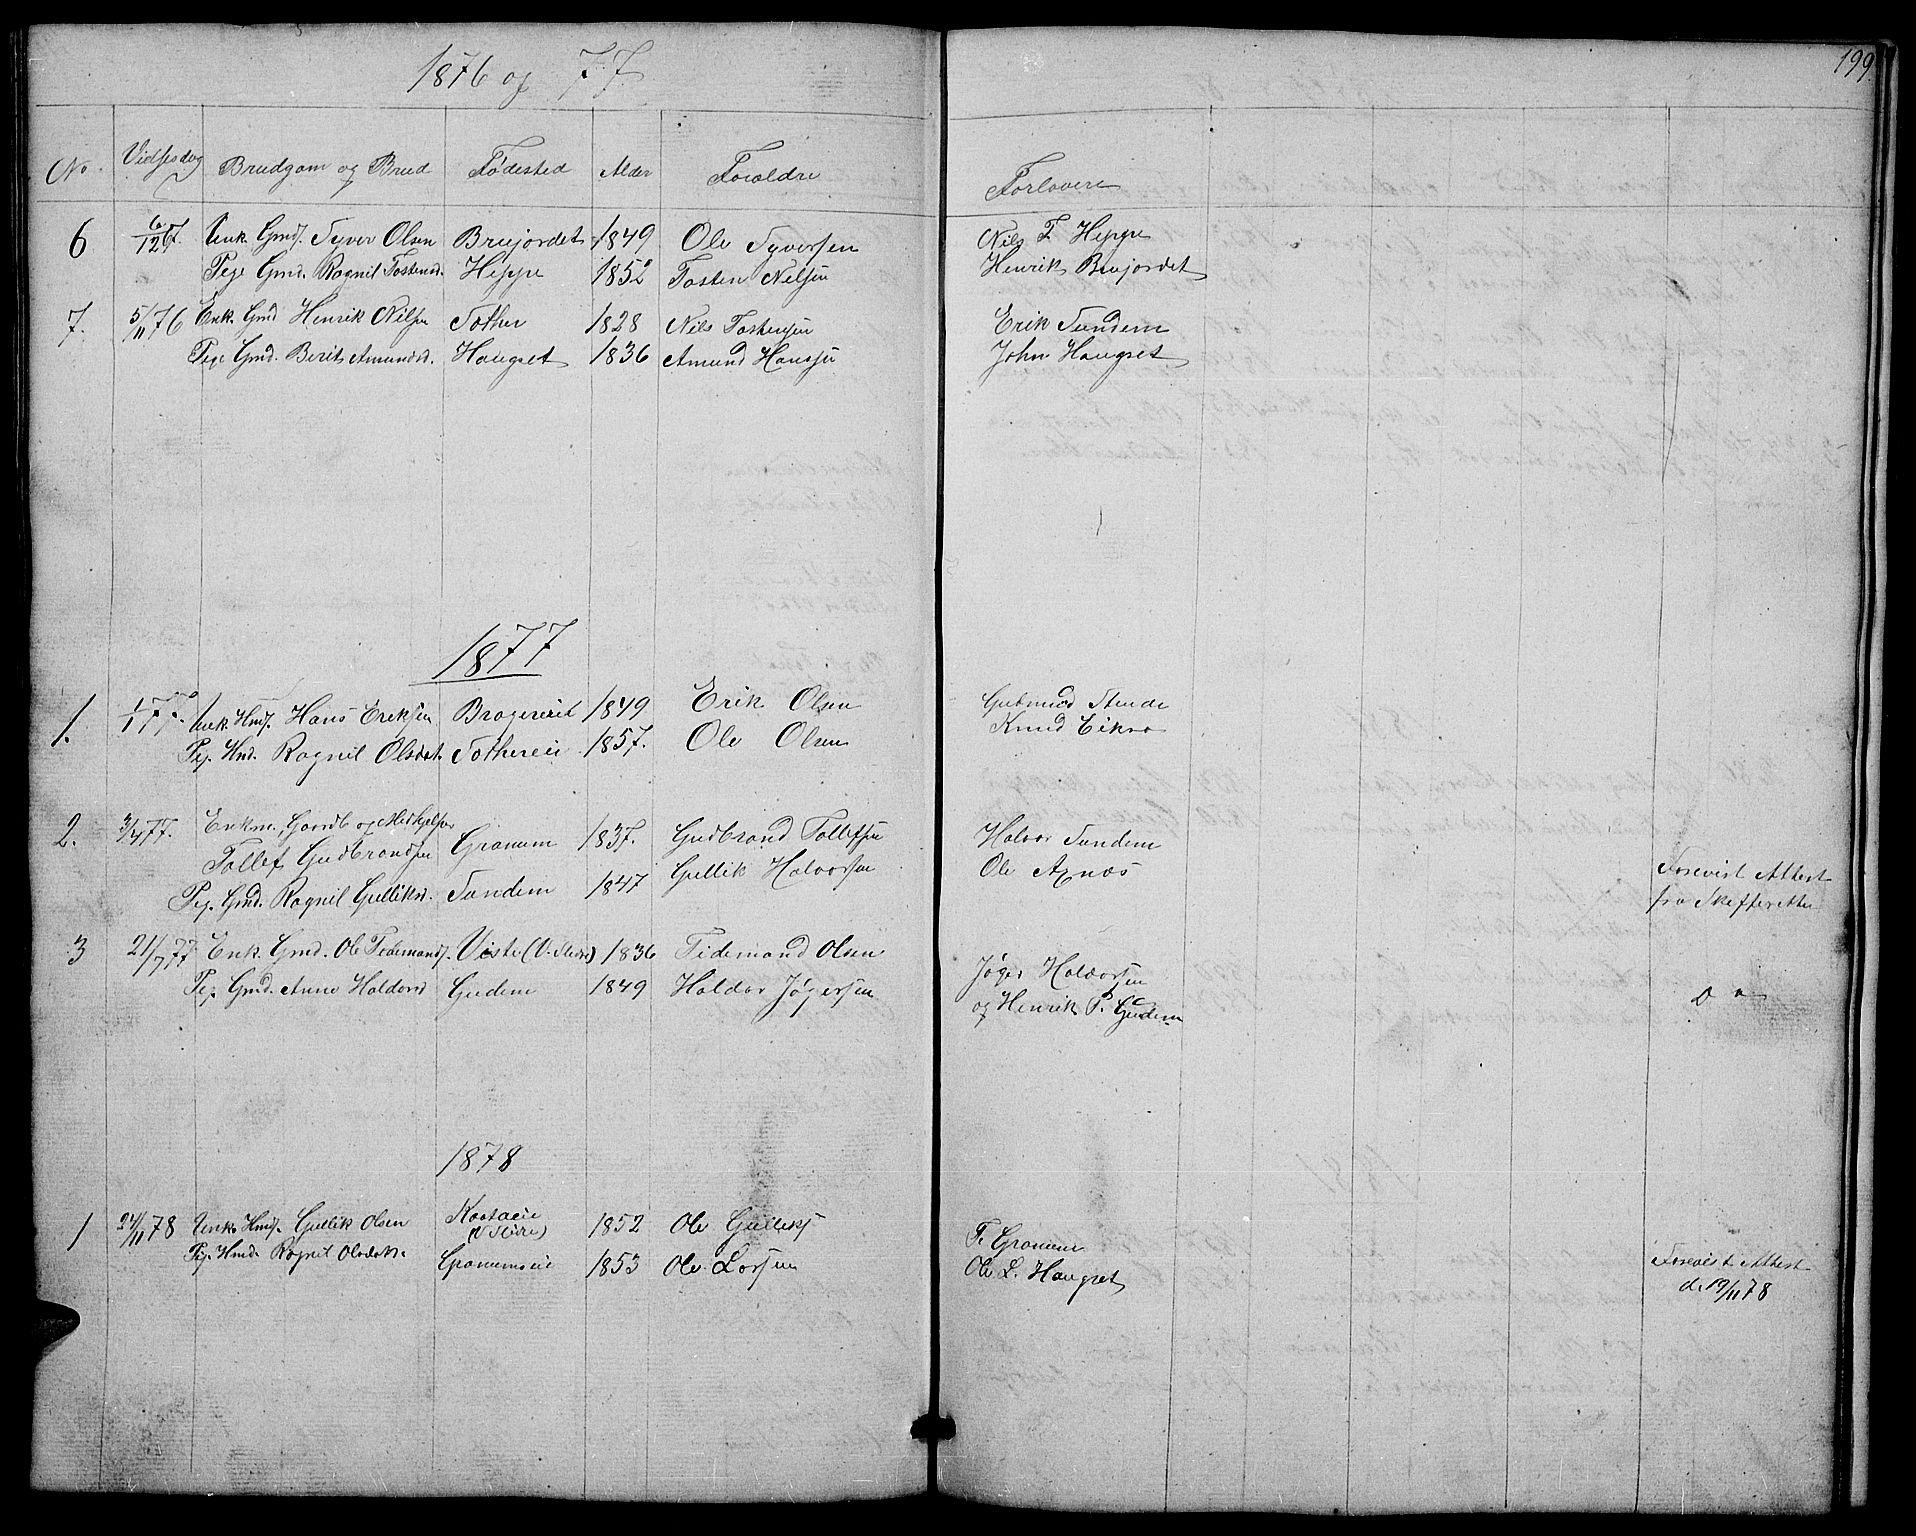 SAH, Nord-Aurdal prestekontor, Klokkerbok nr. 4, 1842-1882, s. 199